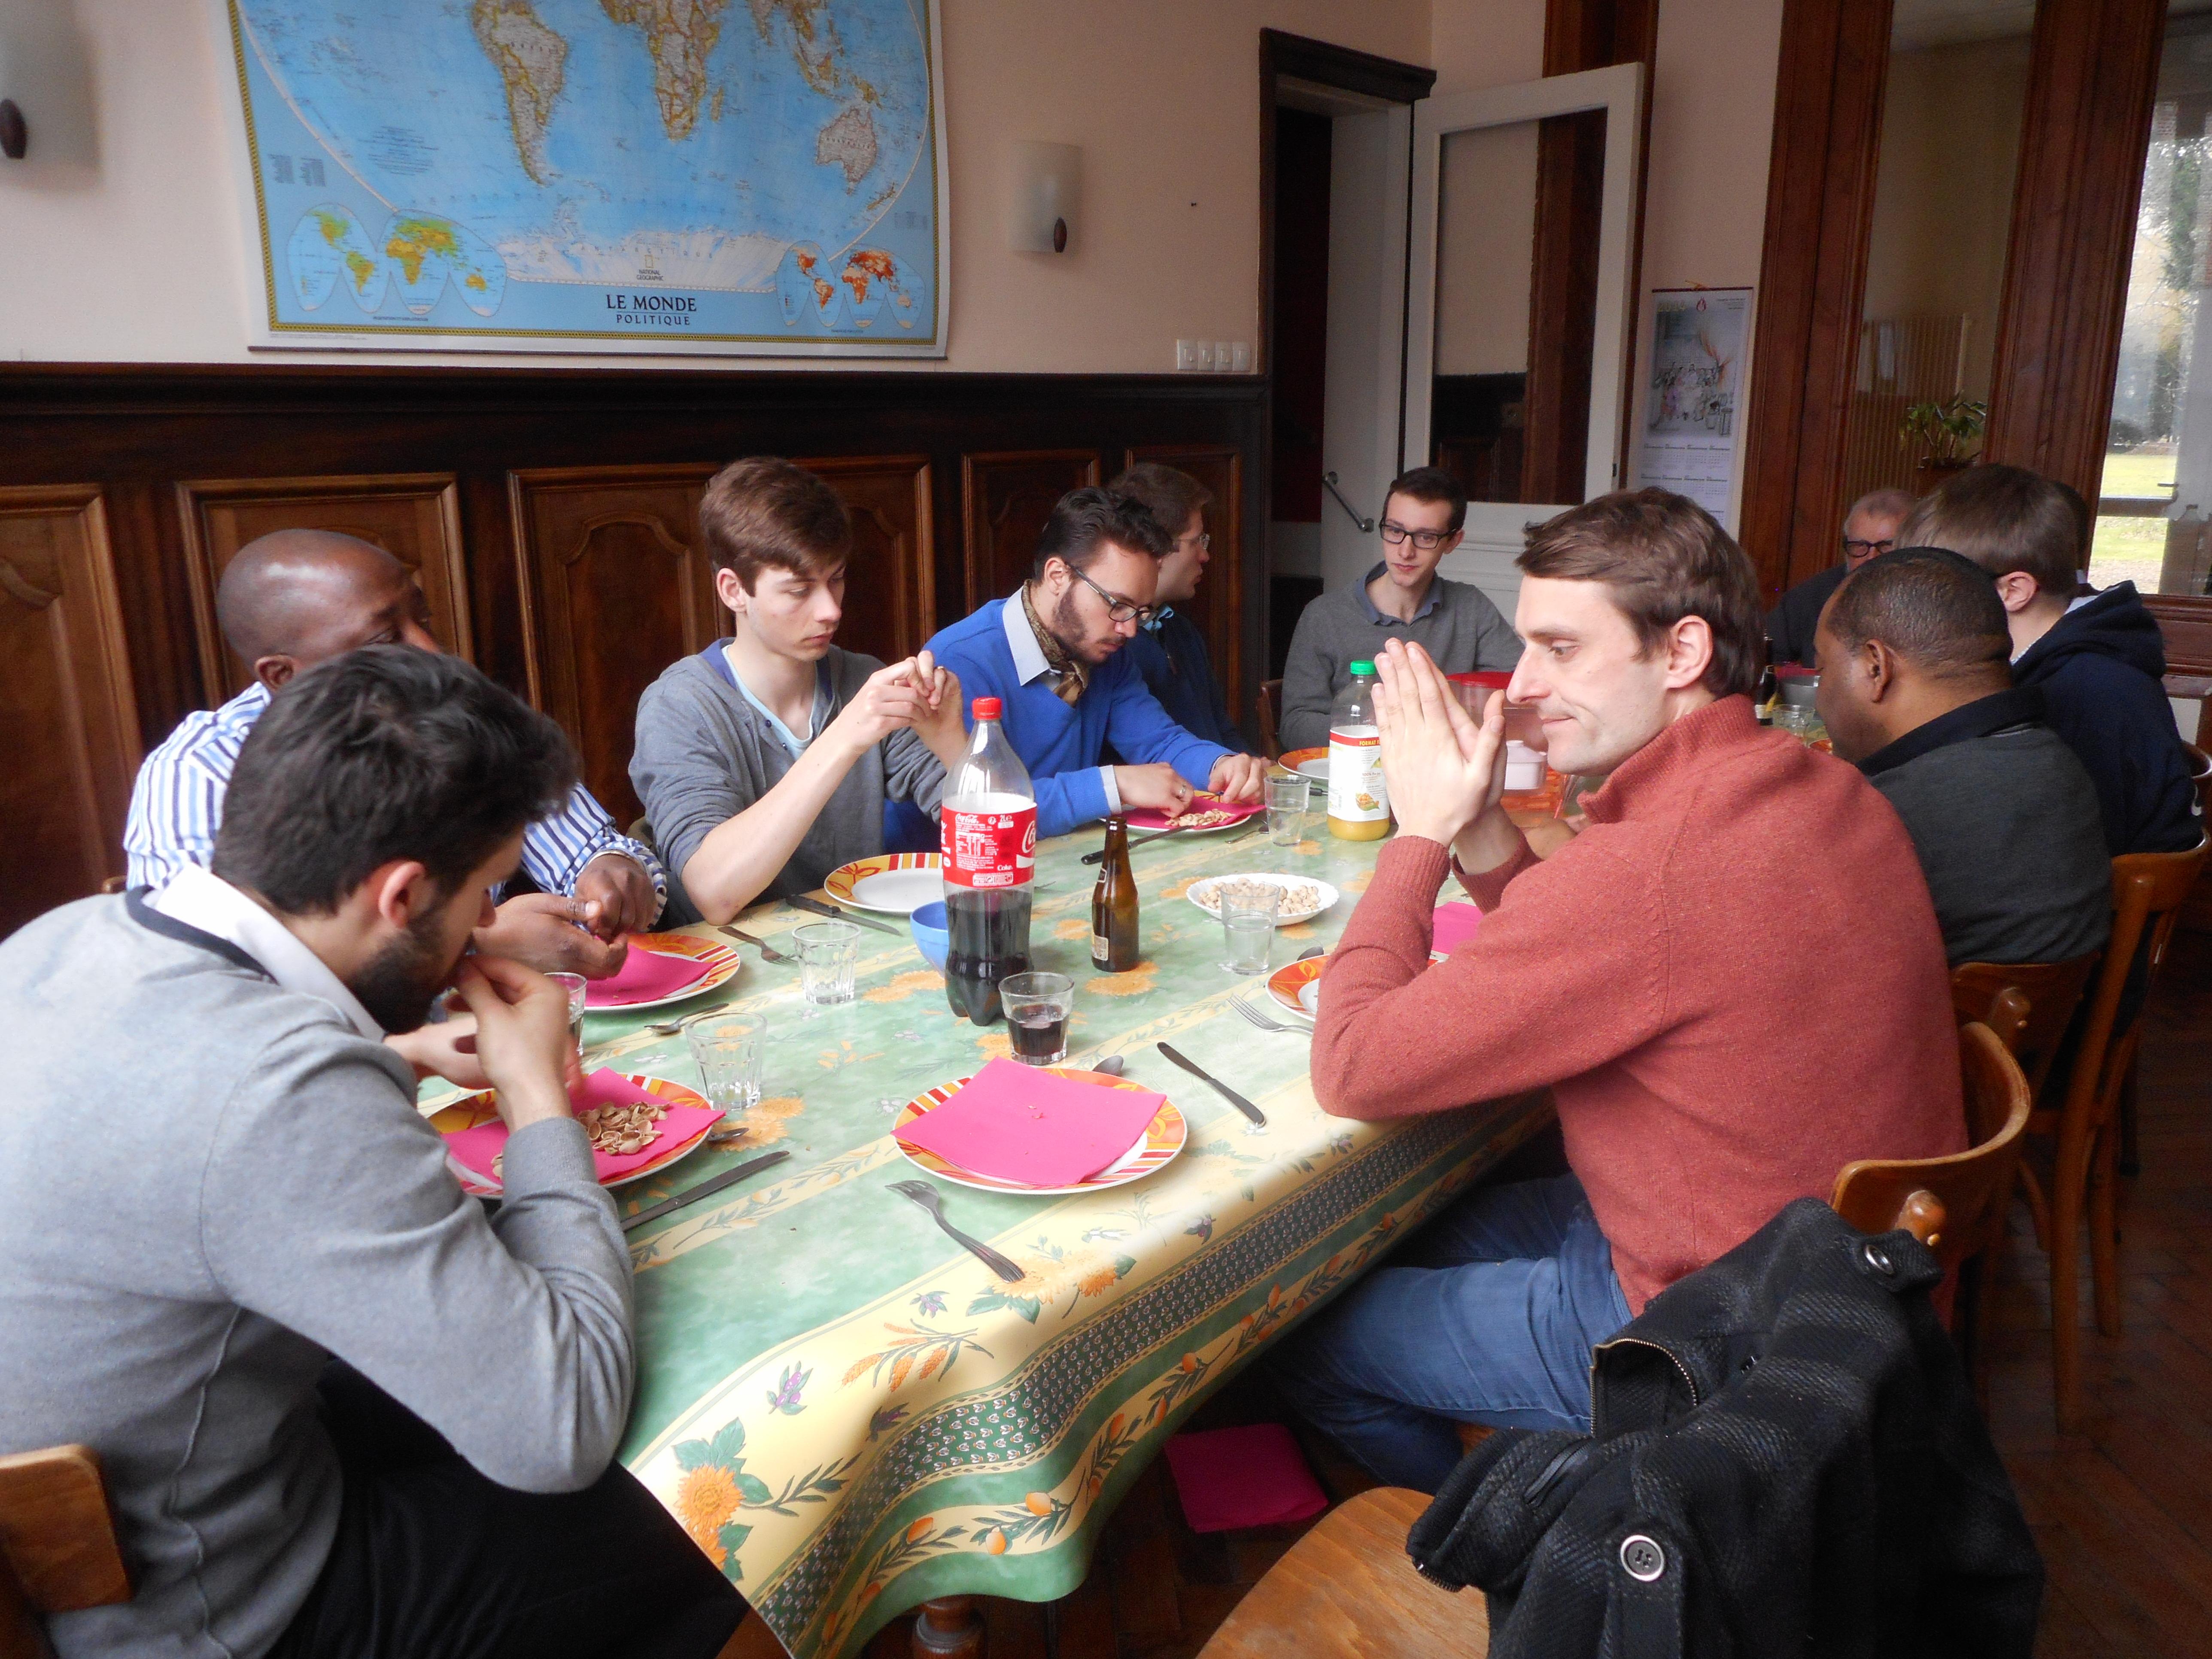 Trouver des amis à Lille - Contacts 50plus